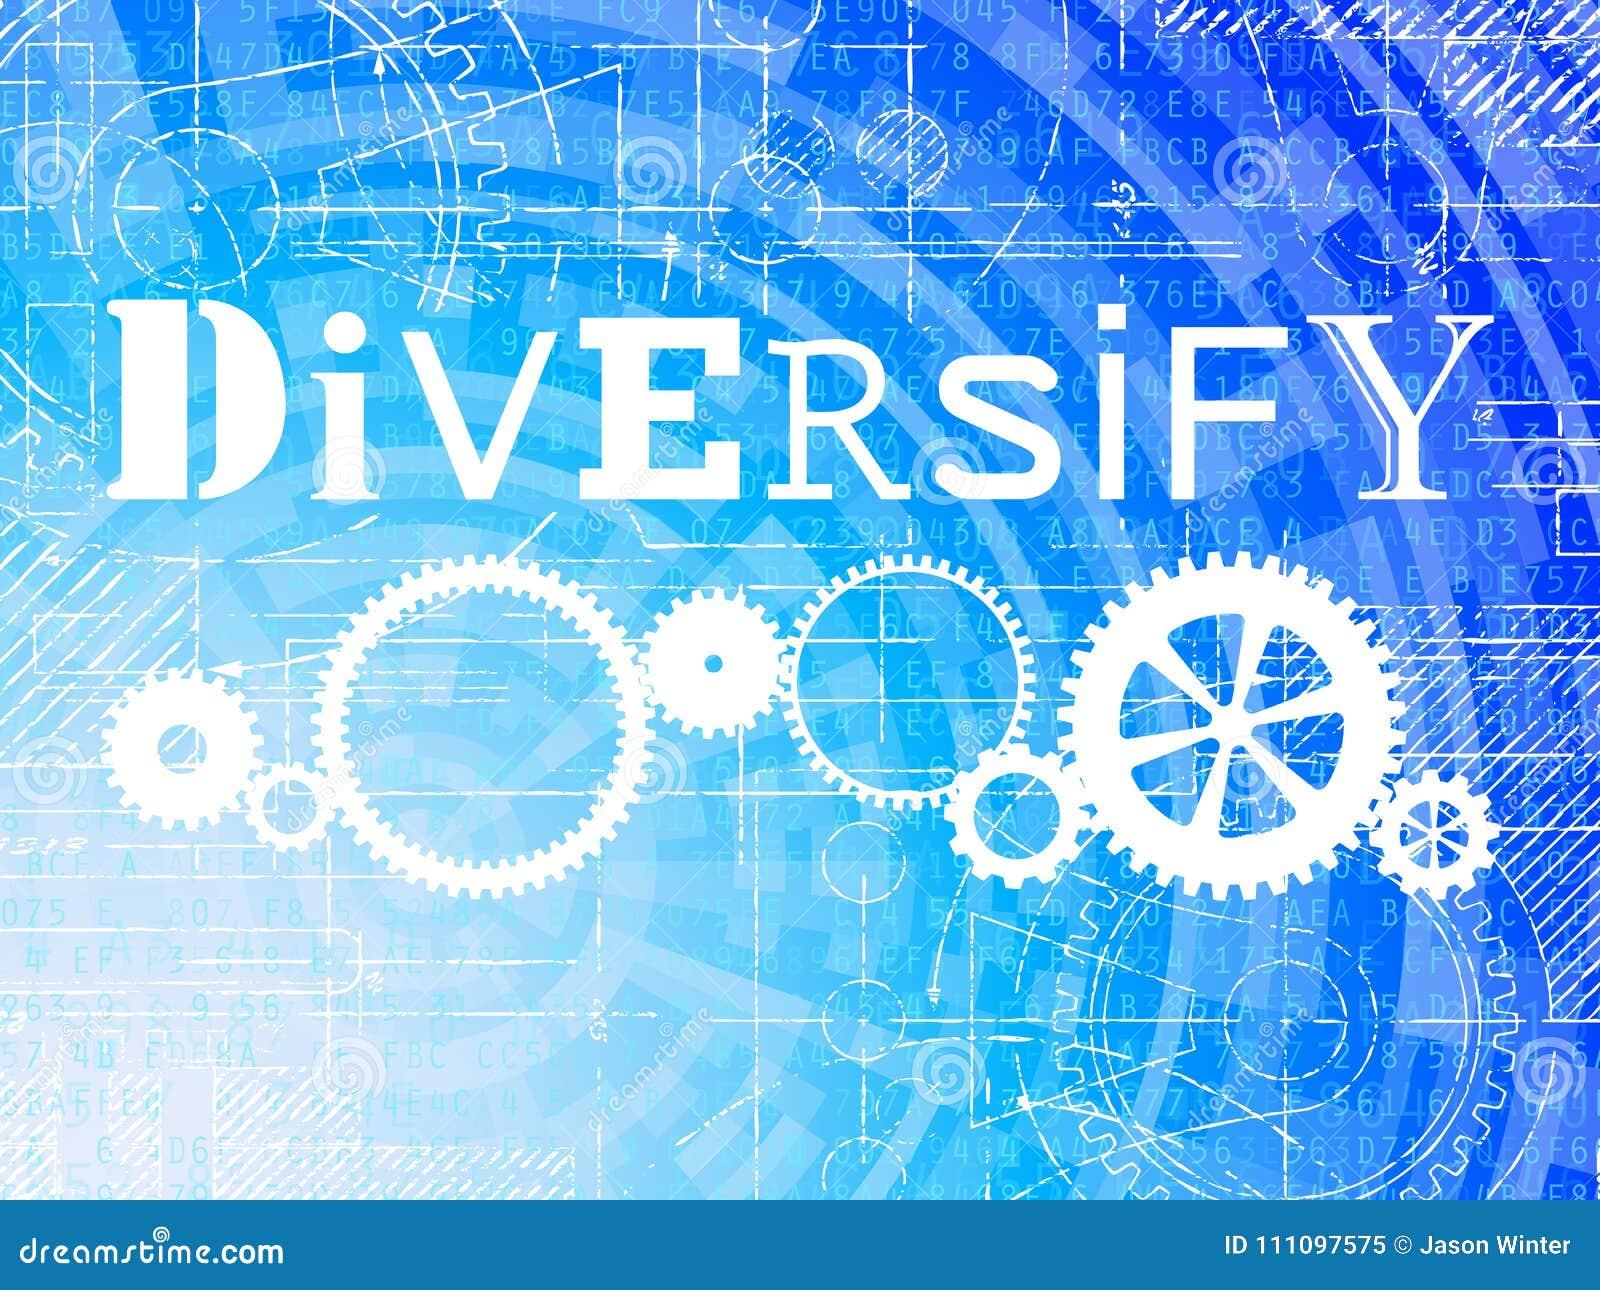 Diversifique el fondo de alta tecnología